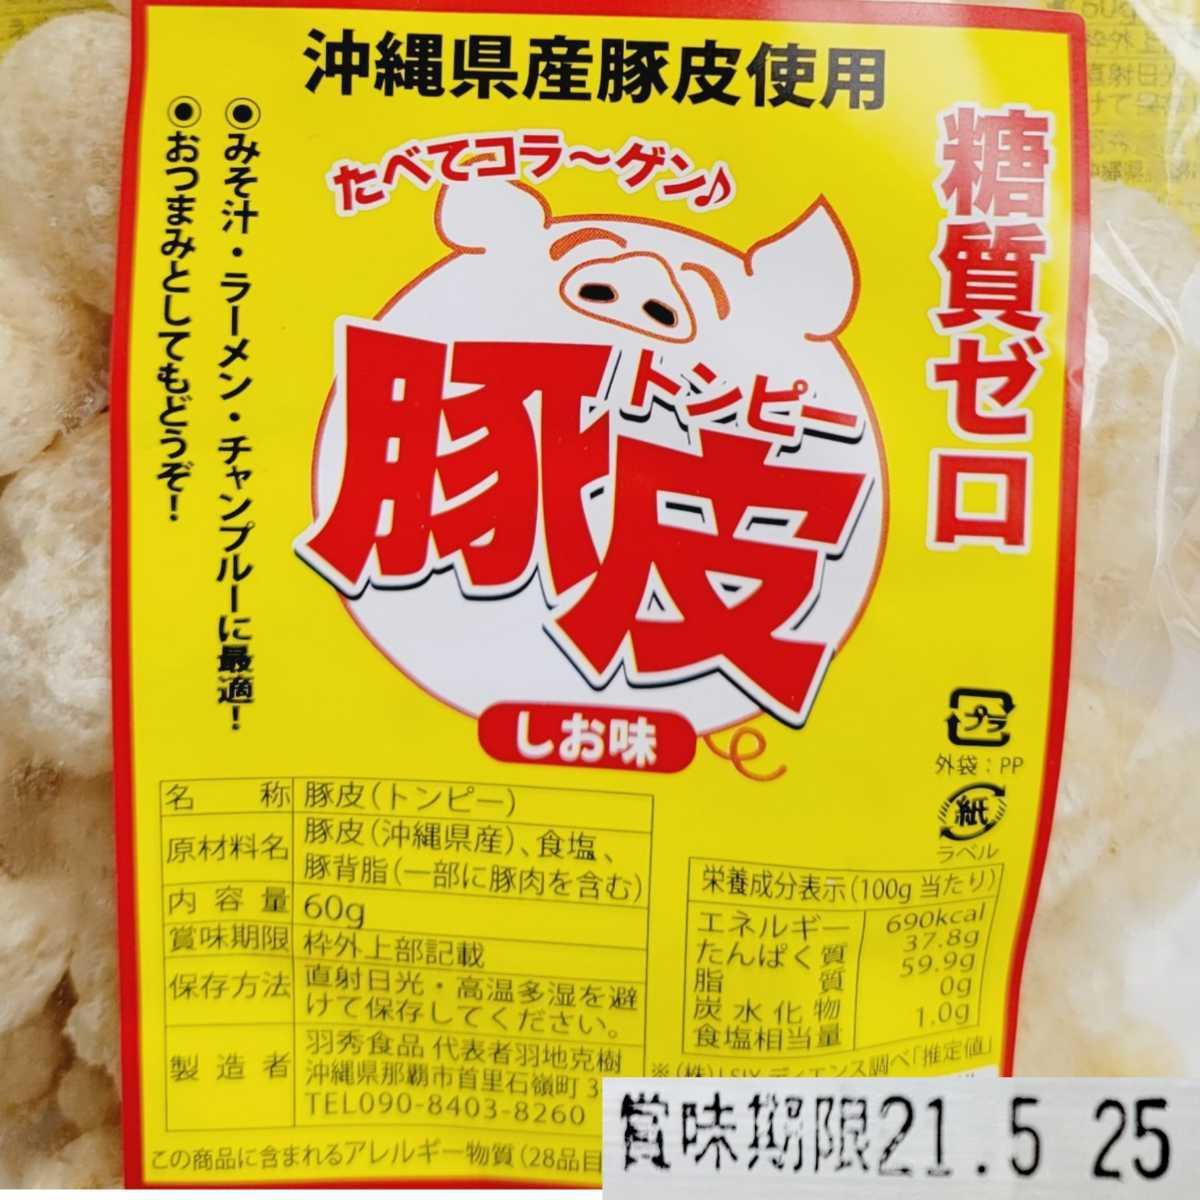 おつまみ、おやつに 沖縄 豚皮(あんだかしー) 8袋 セット  * お菓子 詰め合わせ トンピー しお味_画像2